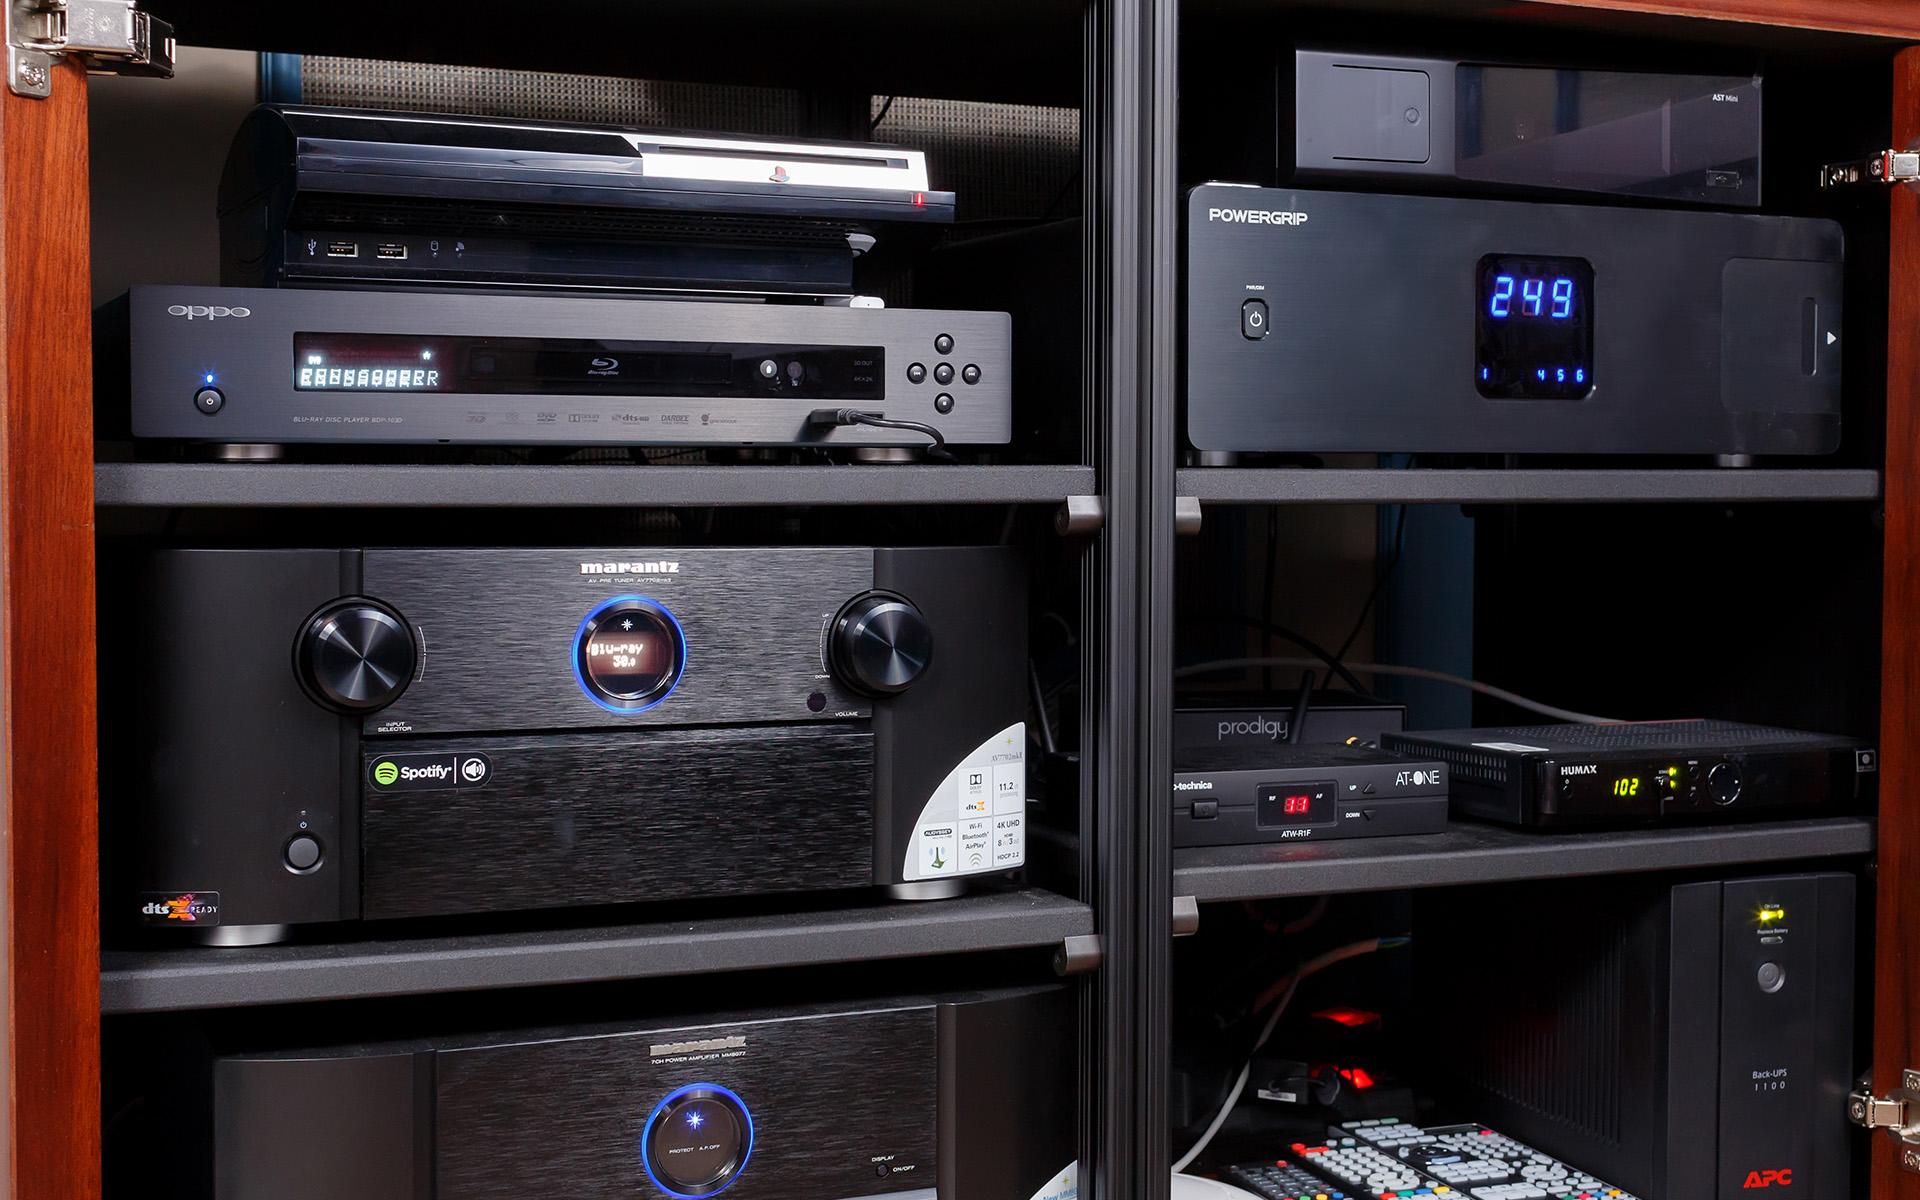 Консоль чистого электропитания POWERGRIP YG-1 играет ключевую роль в управлении питанием всех электронных компонентов системы домашнего кинотеатра